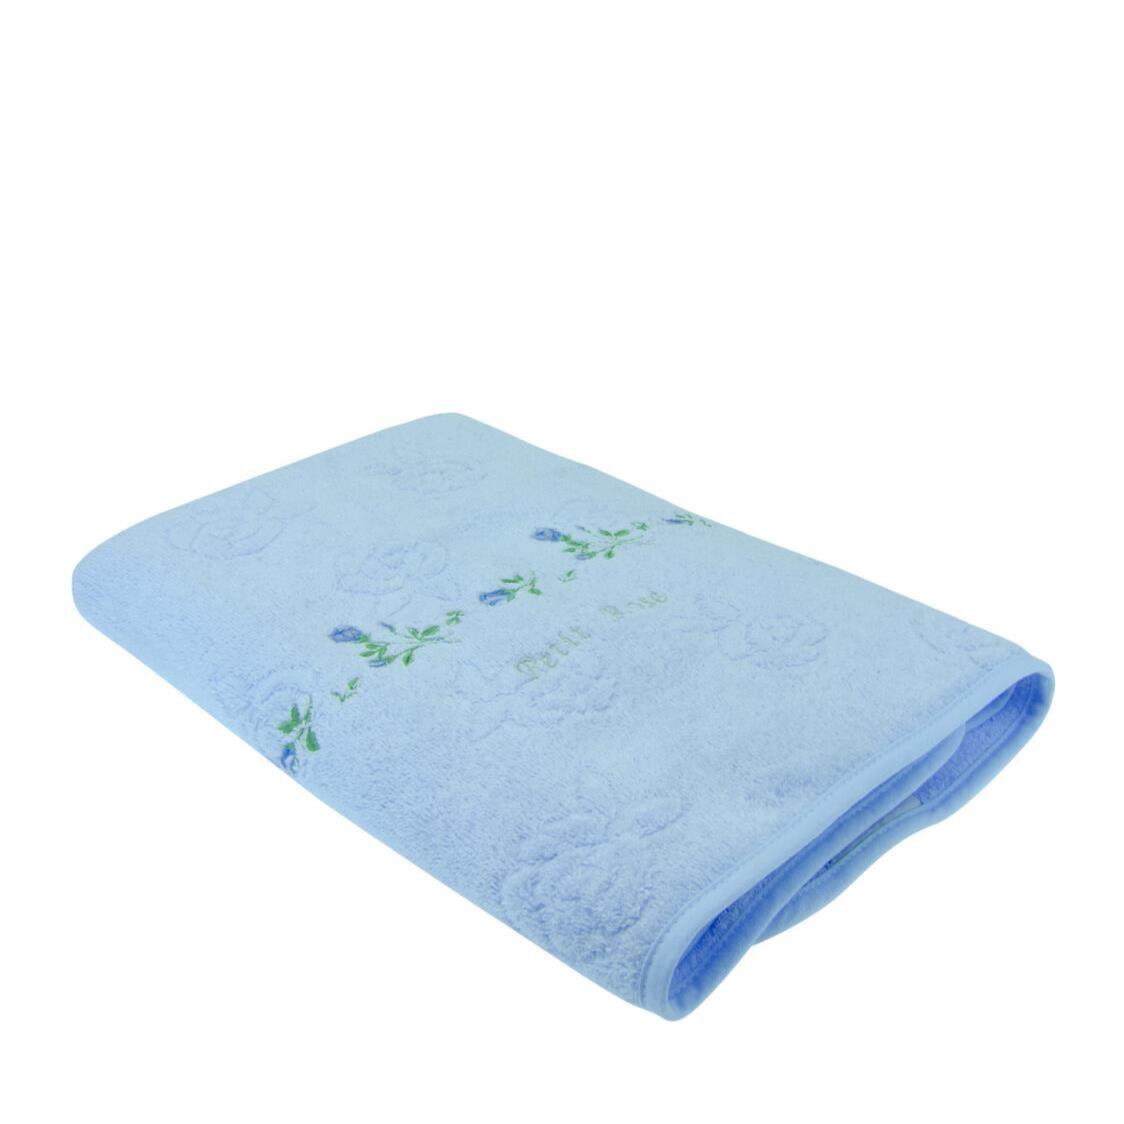 Petit Rose 100 Combed Cotton Bath Towel Blue